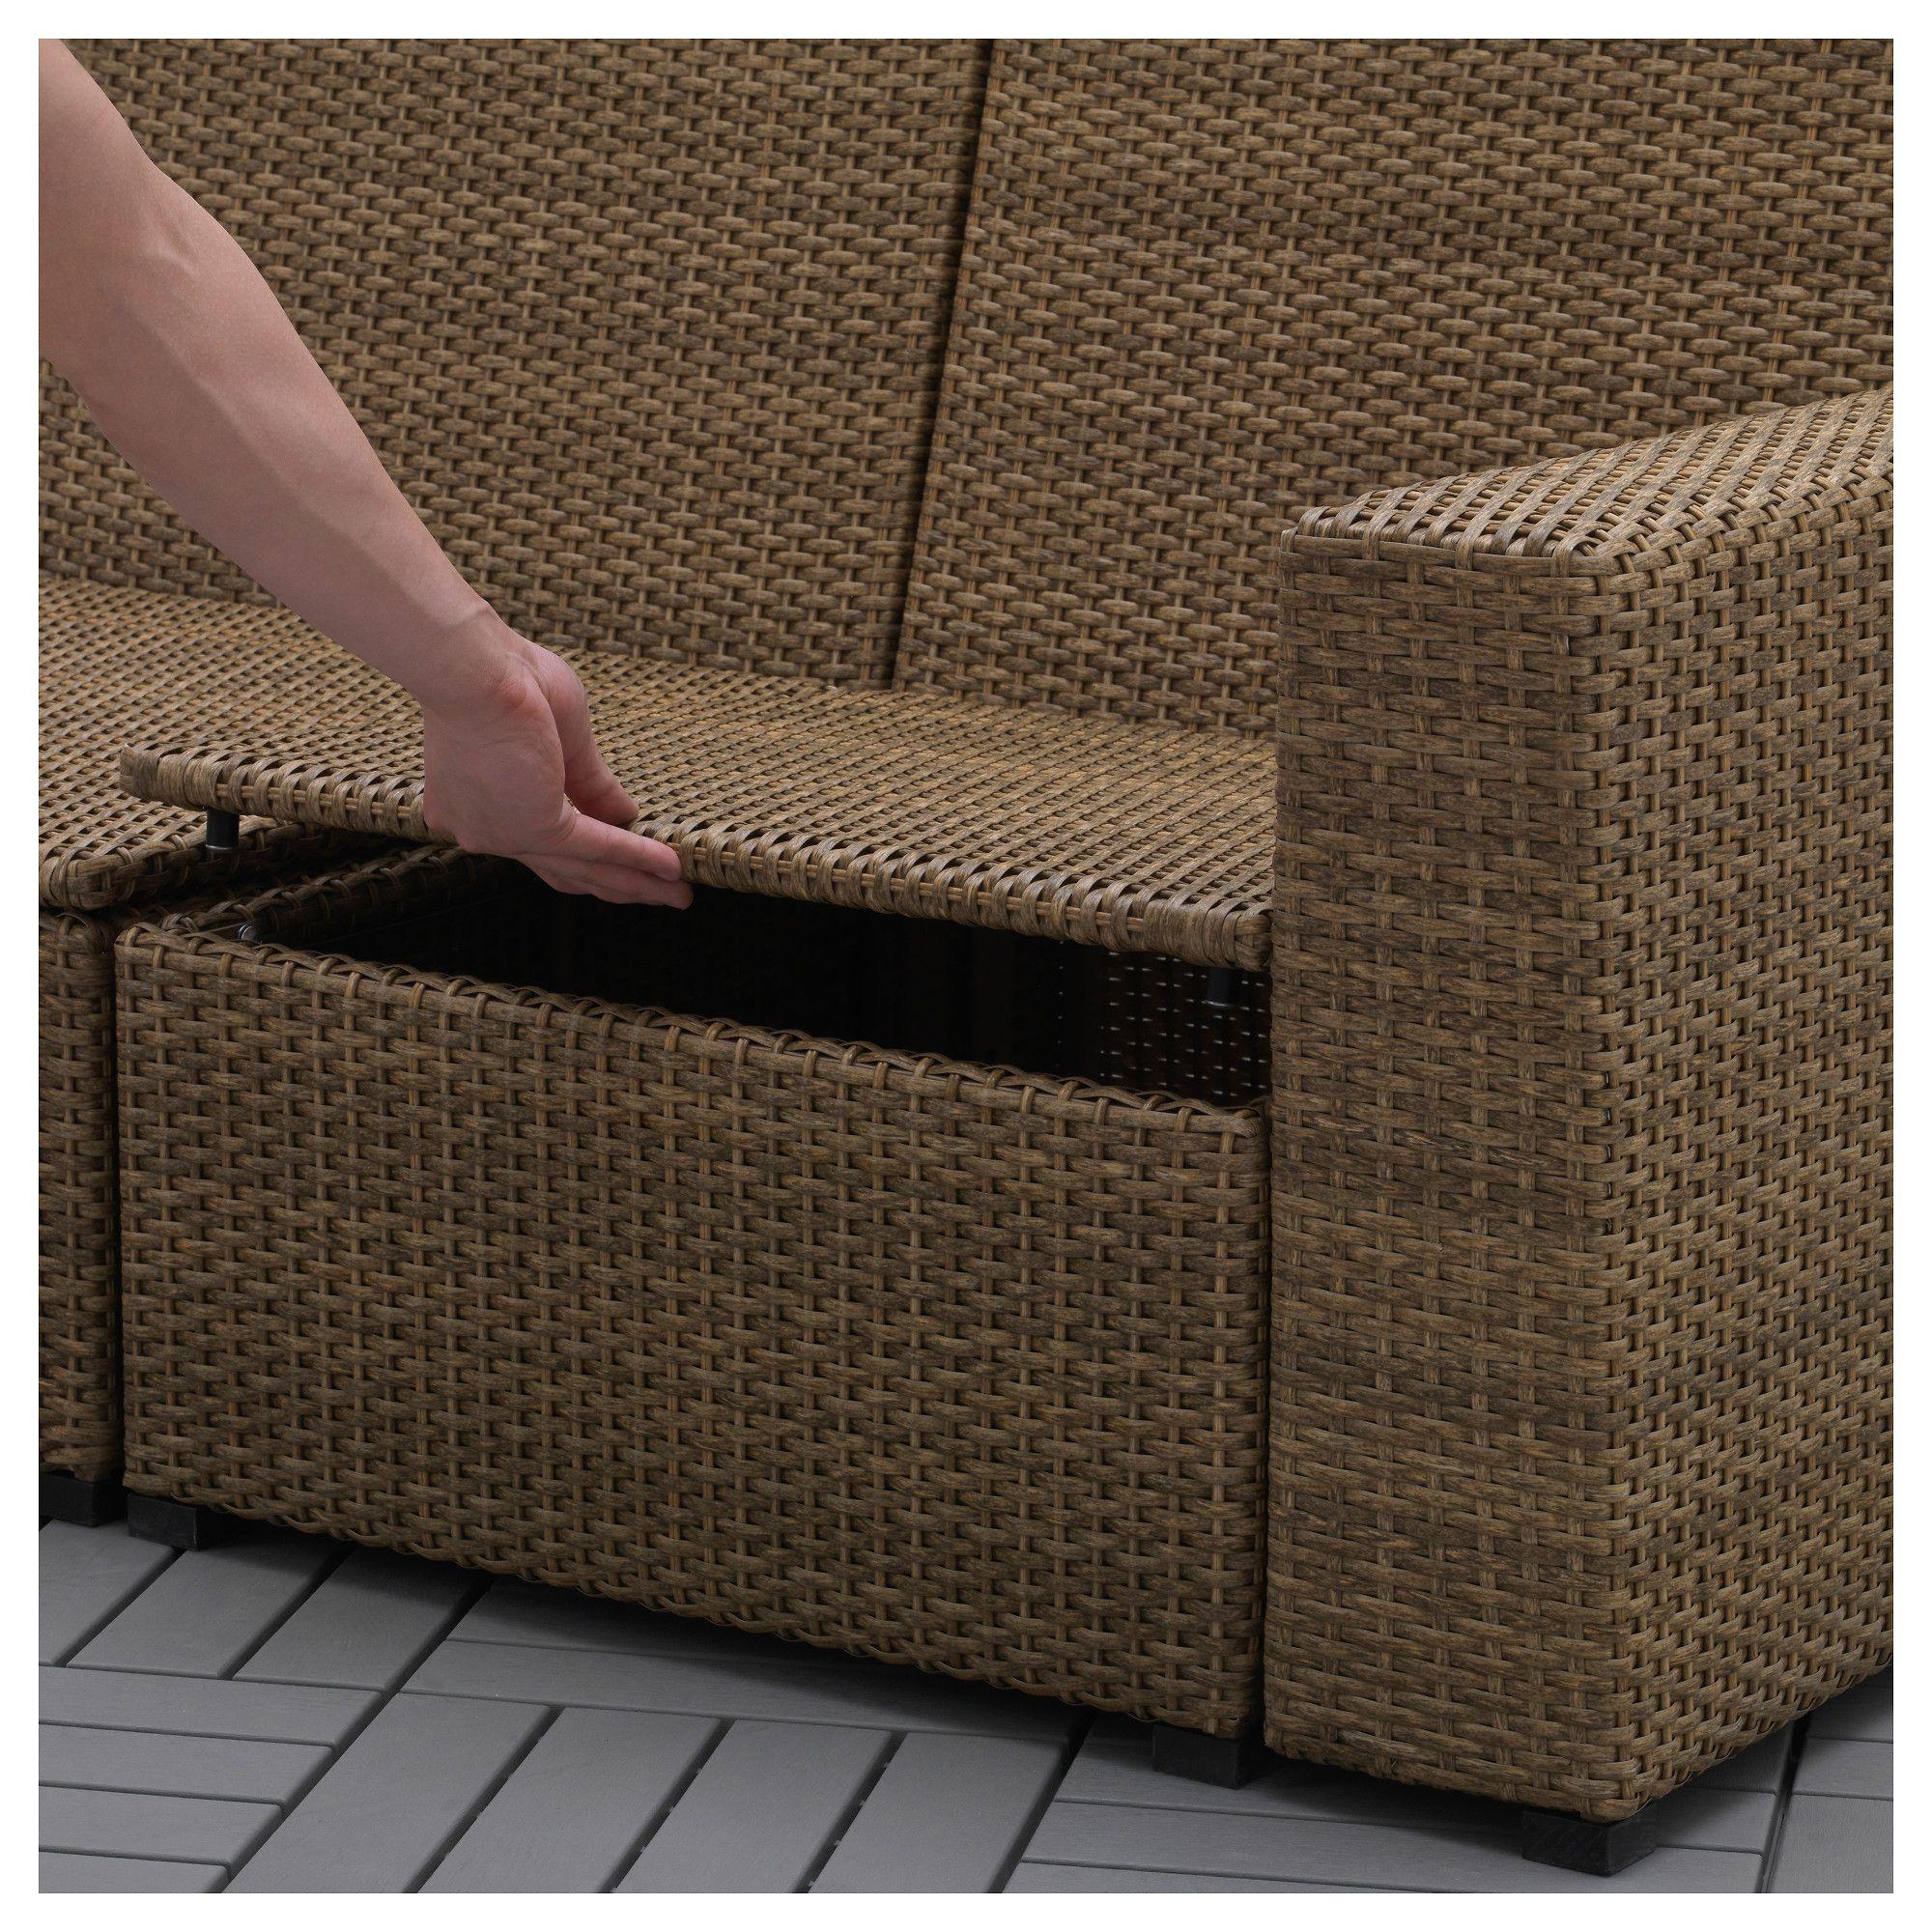 Divani In Rattan Ikea.Ikea Solleron 3 Seat Modular Sofa Outdoor Brown With Footstool In